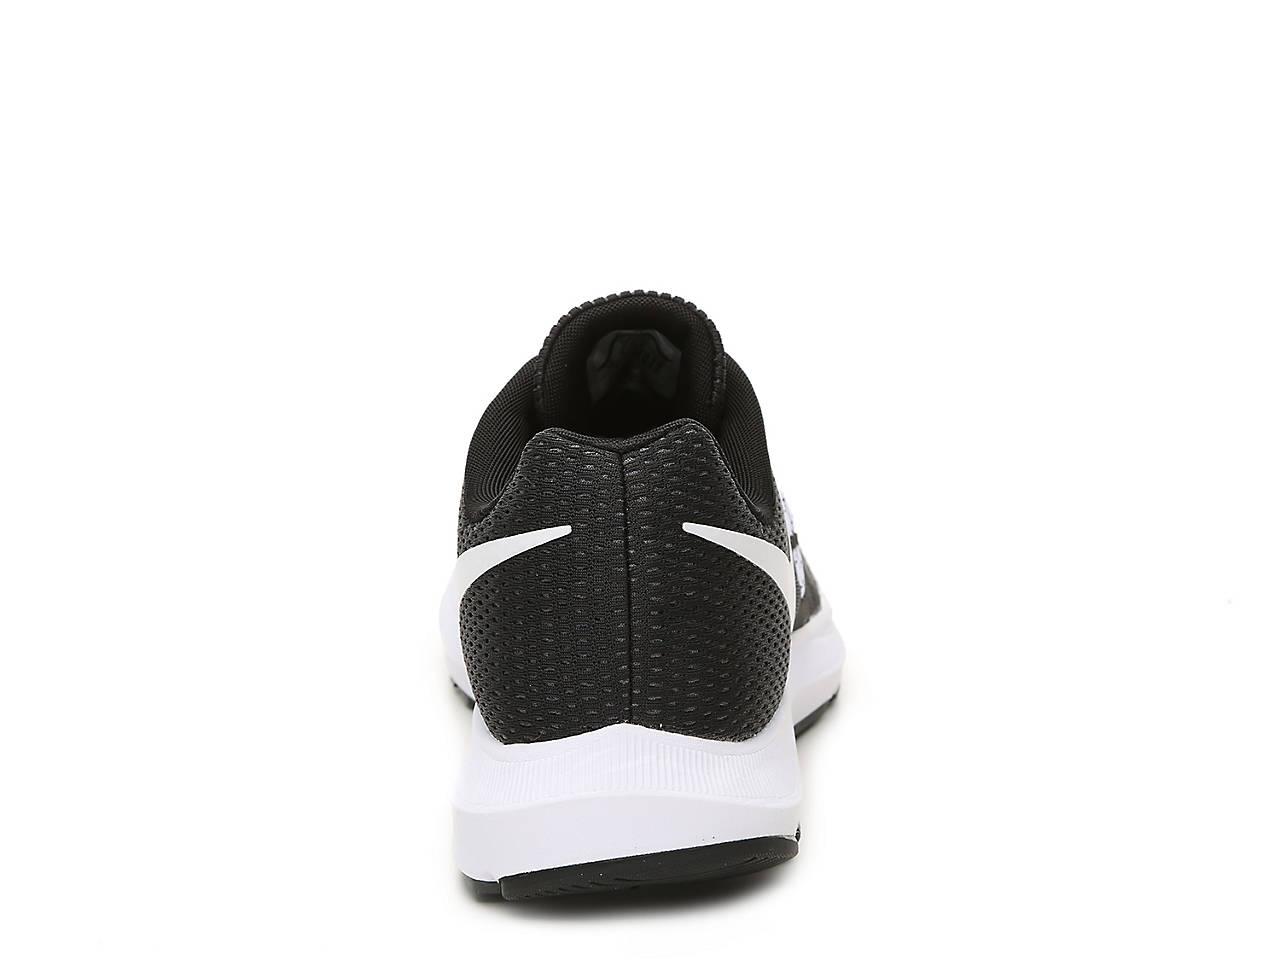 ebc2fa89a54 Nike Run Swift Lightweight Running Shoe - Men s Men s Shoes